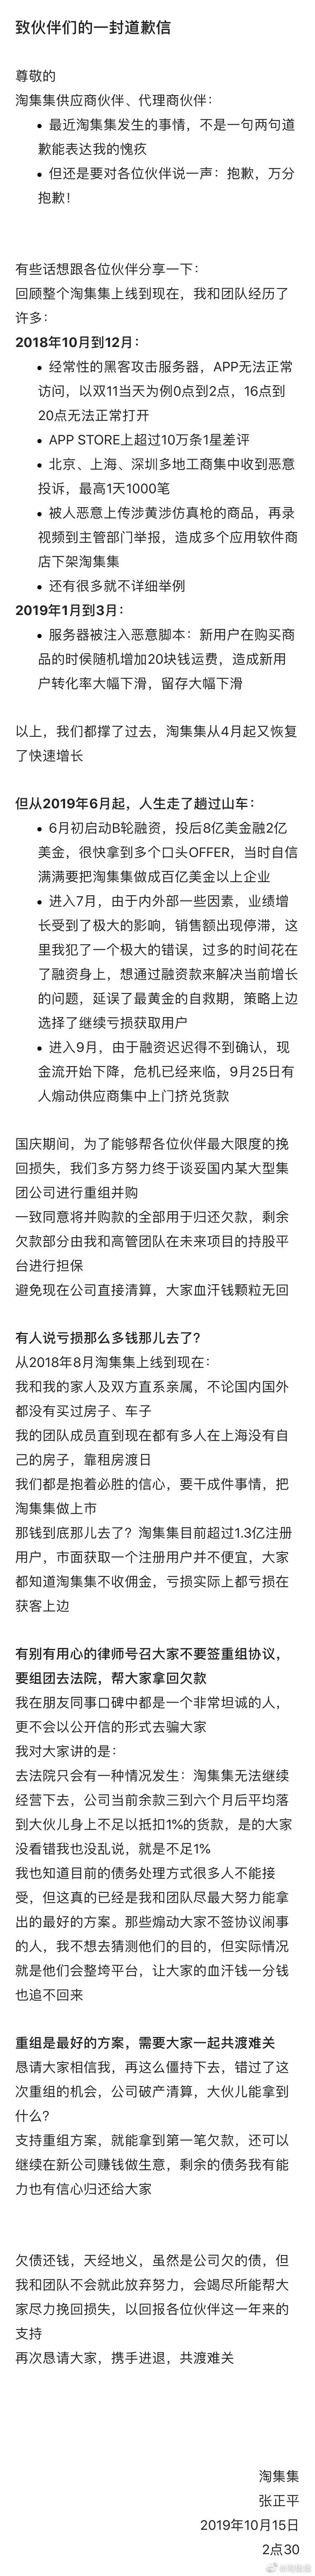 淘集集CEO发商家致歉信:钱都亏在获客上,再僵持下去很难拿到货款